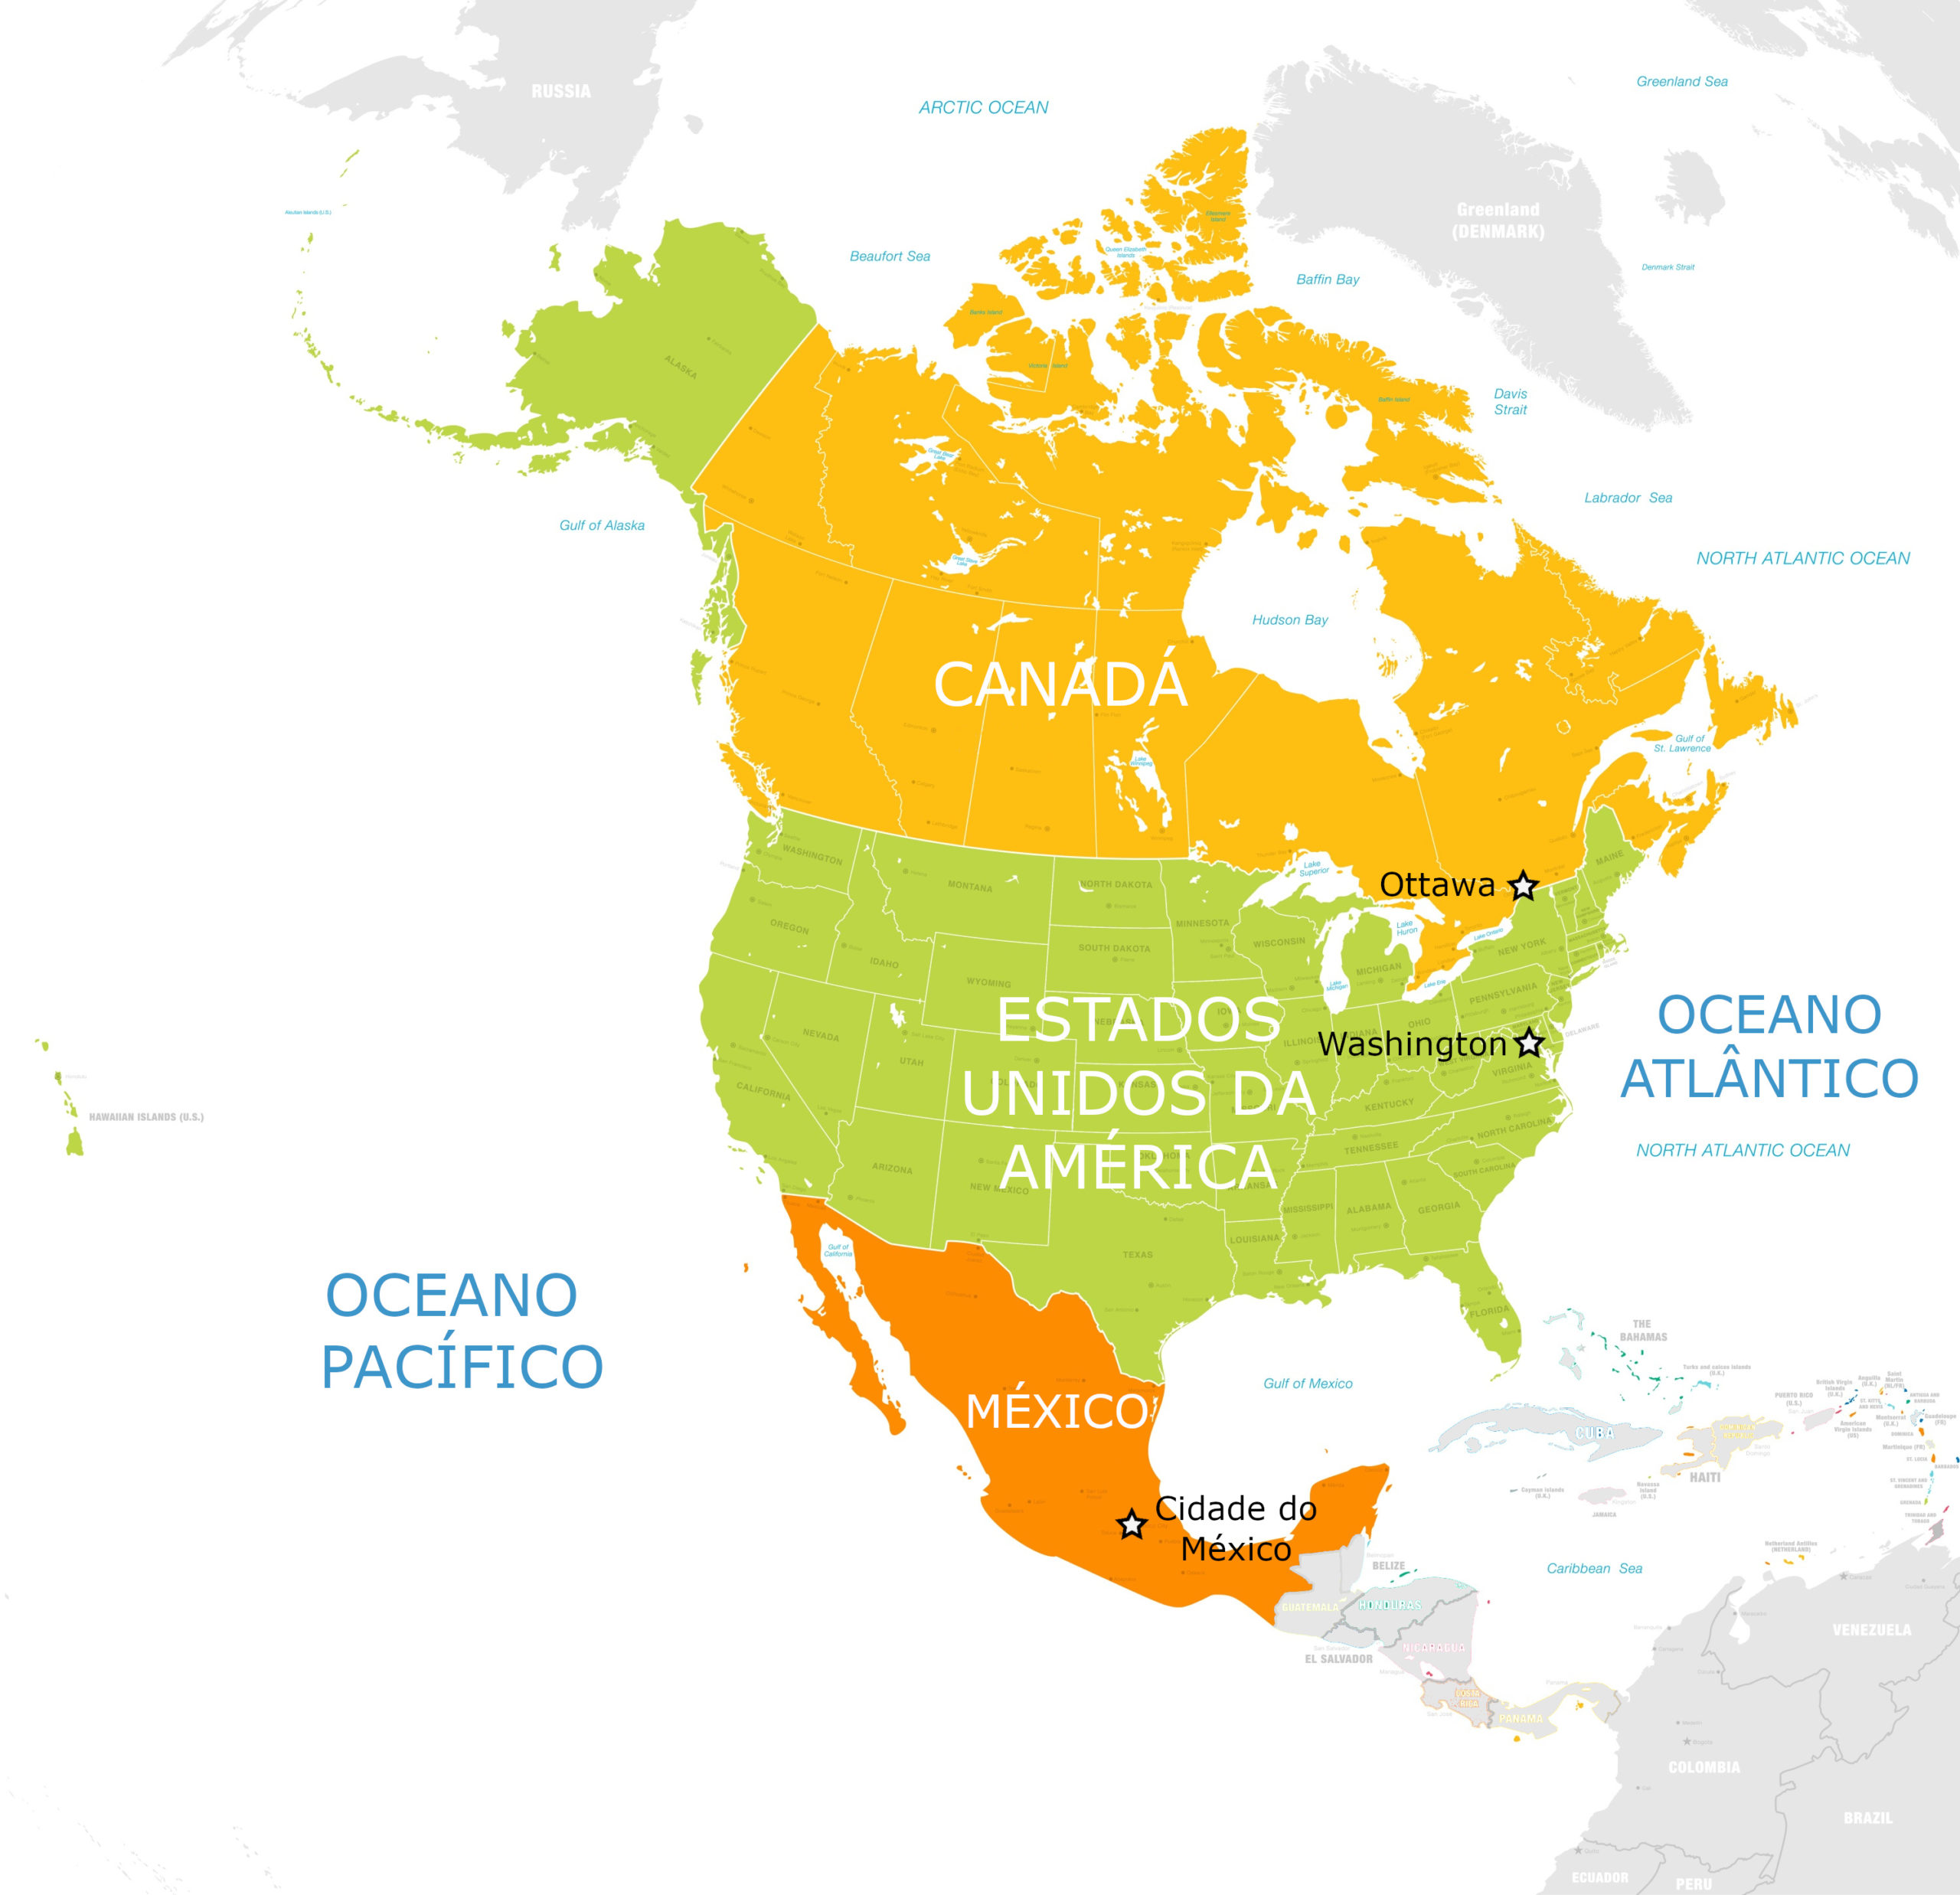 Capitais Da America Do Norte Informacoes Mapas E Fotos Geografia Infoescola